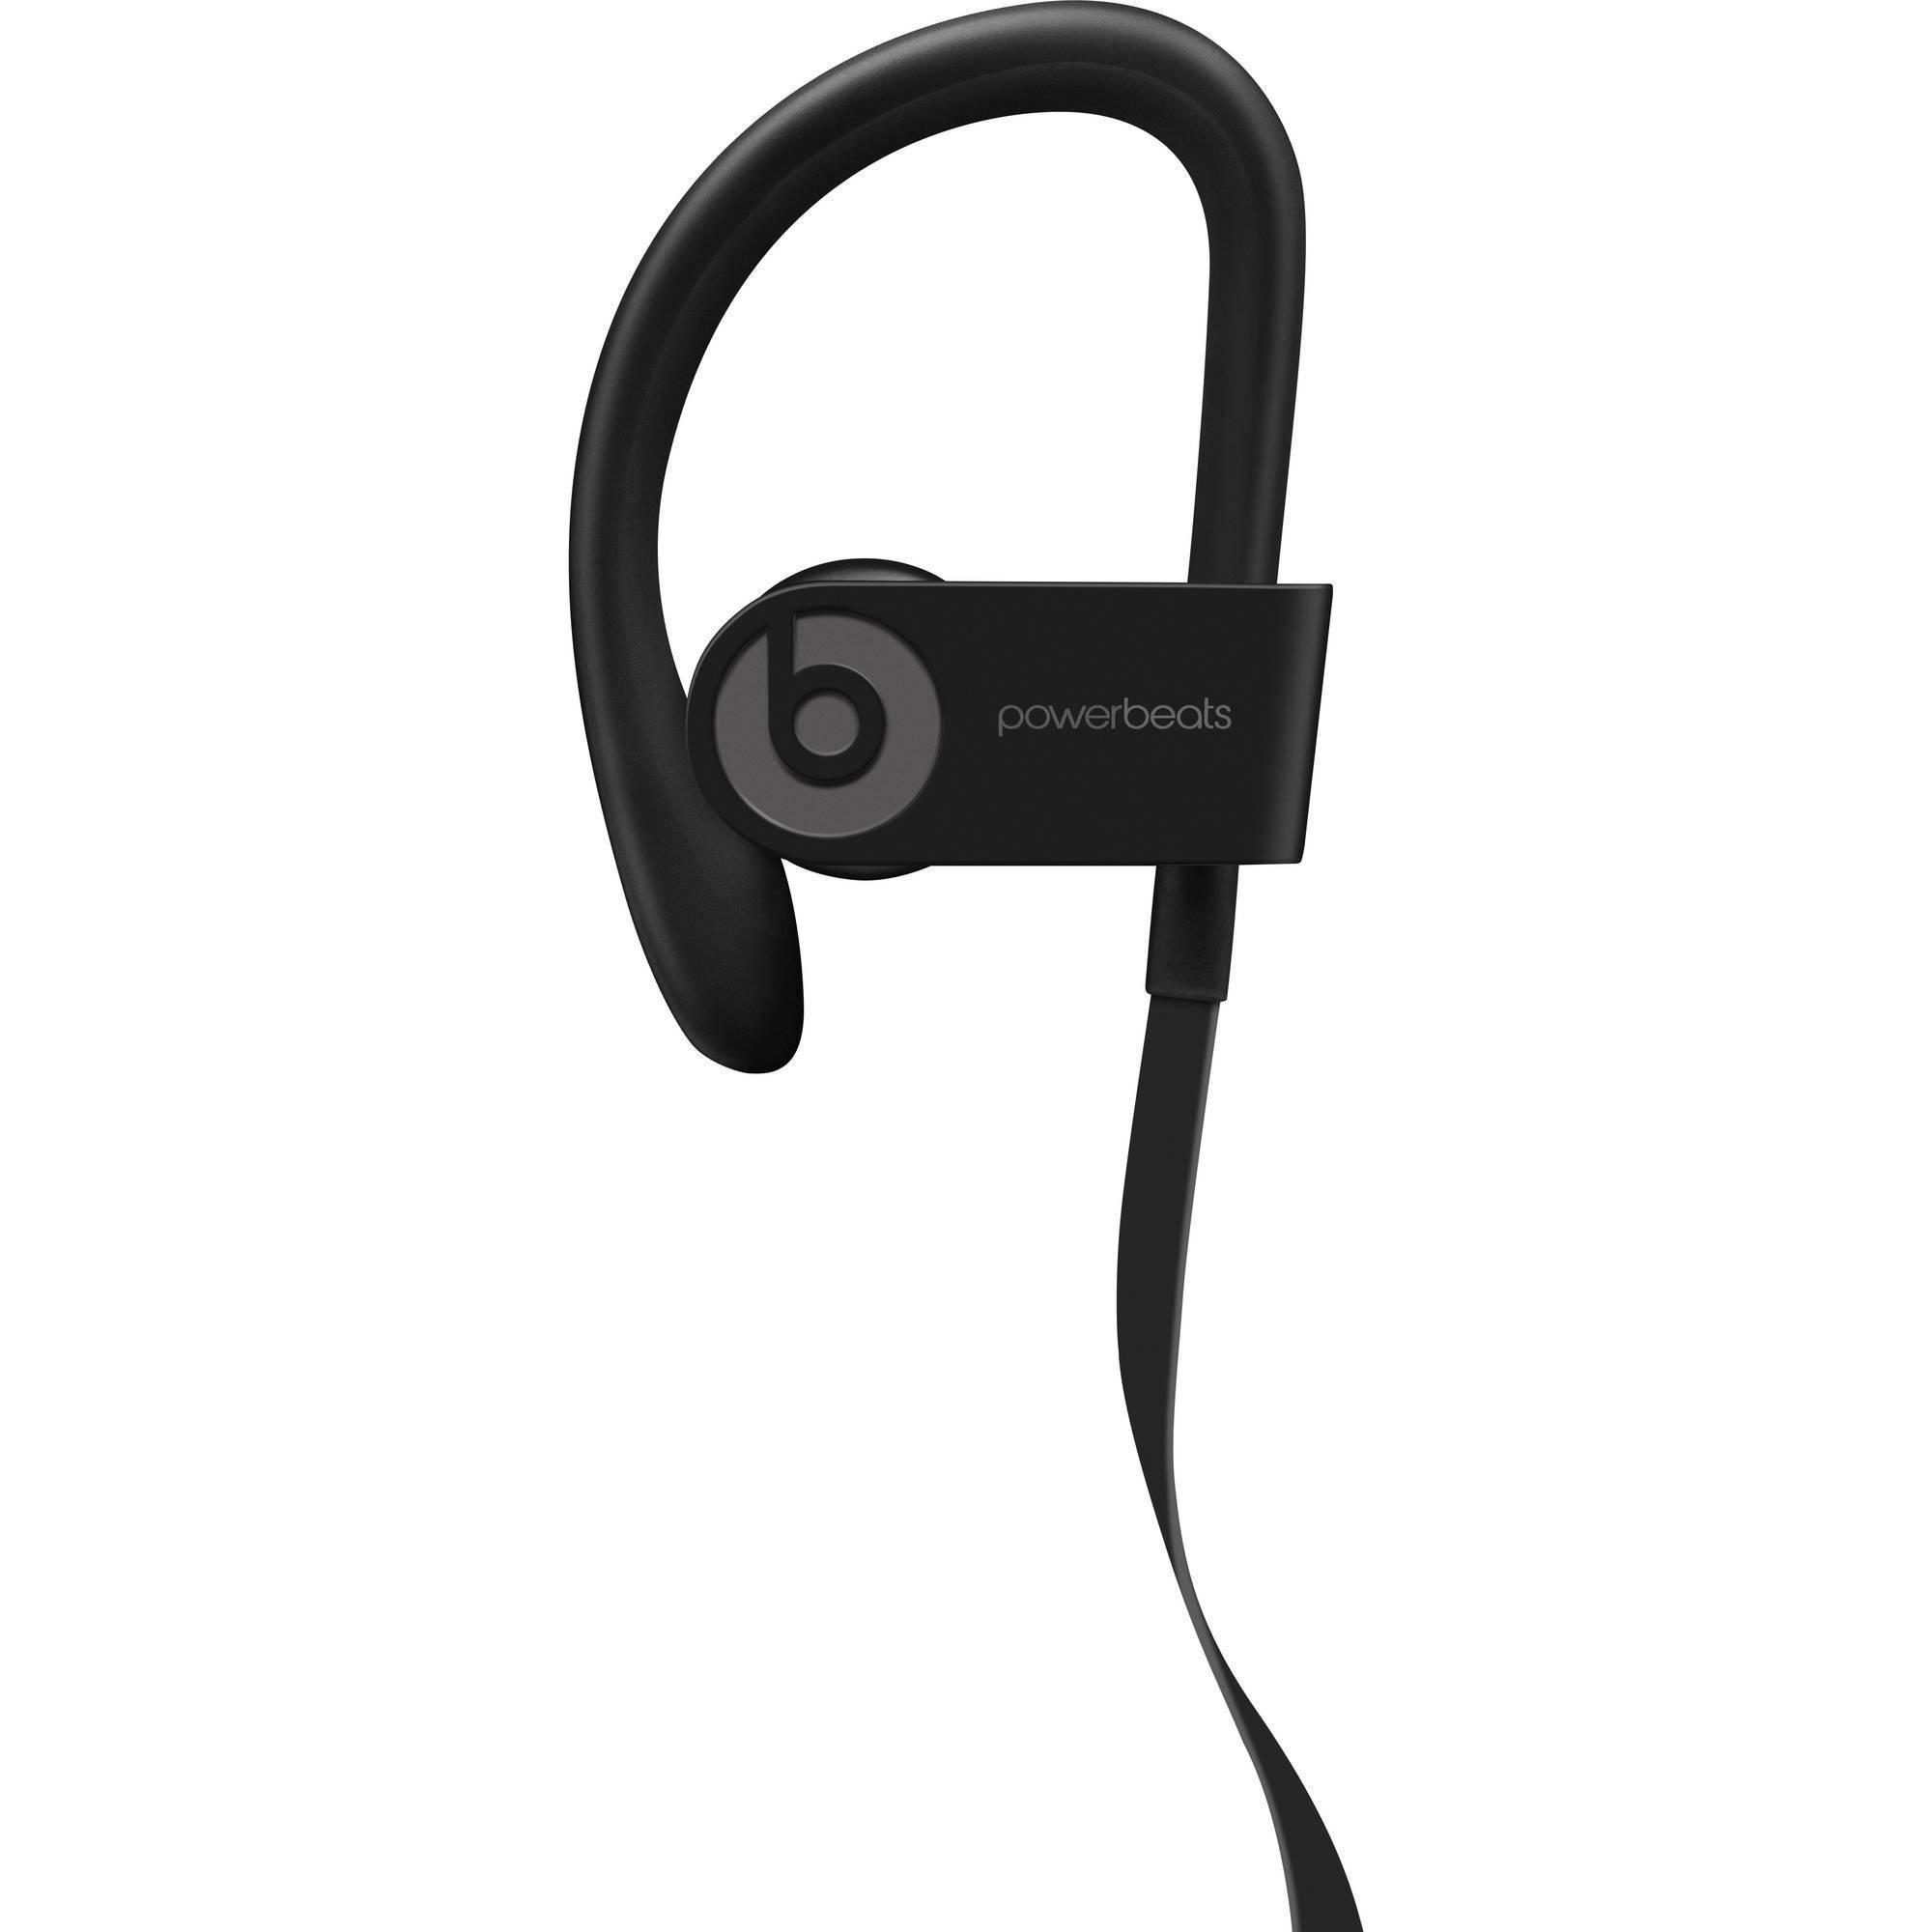 Powerbeats3 beats by dr Dre wireless earphones certified refurbished - Walmart online $49